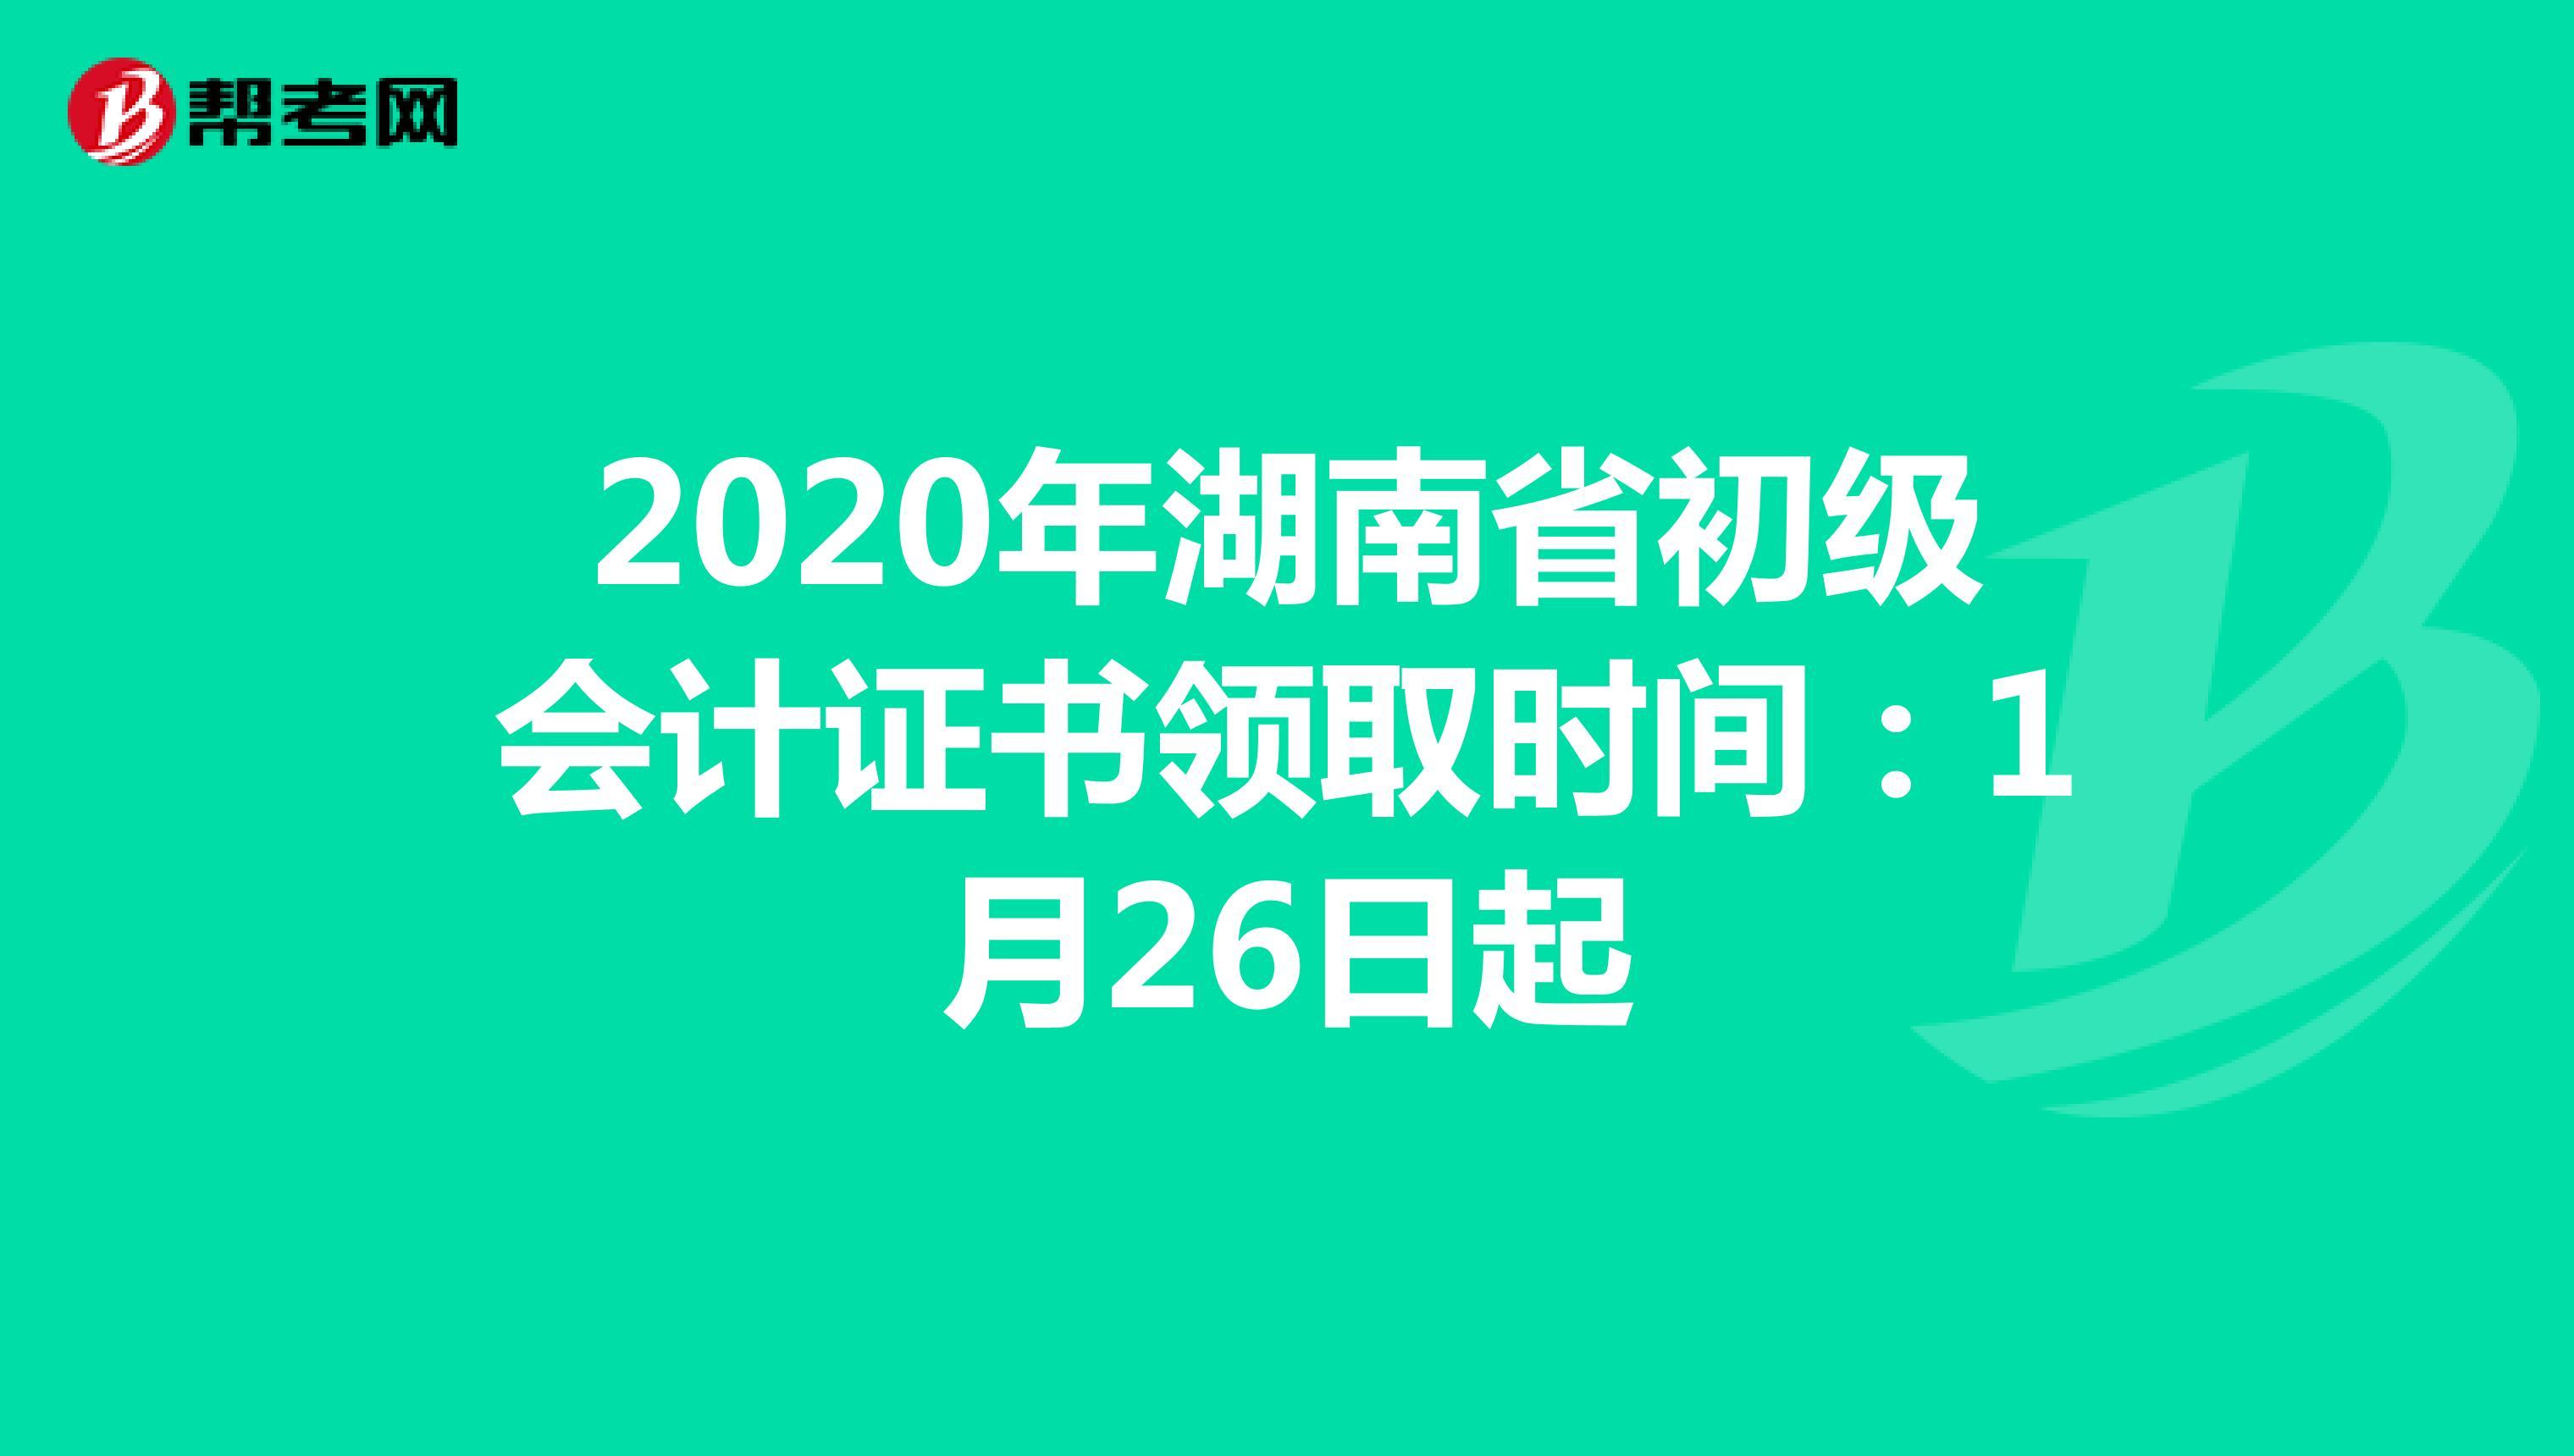 2020年湖南省初级会计证书领取时间:1月26日起